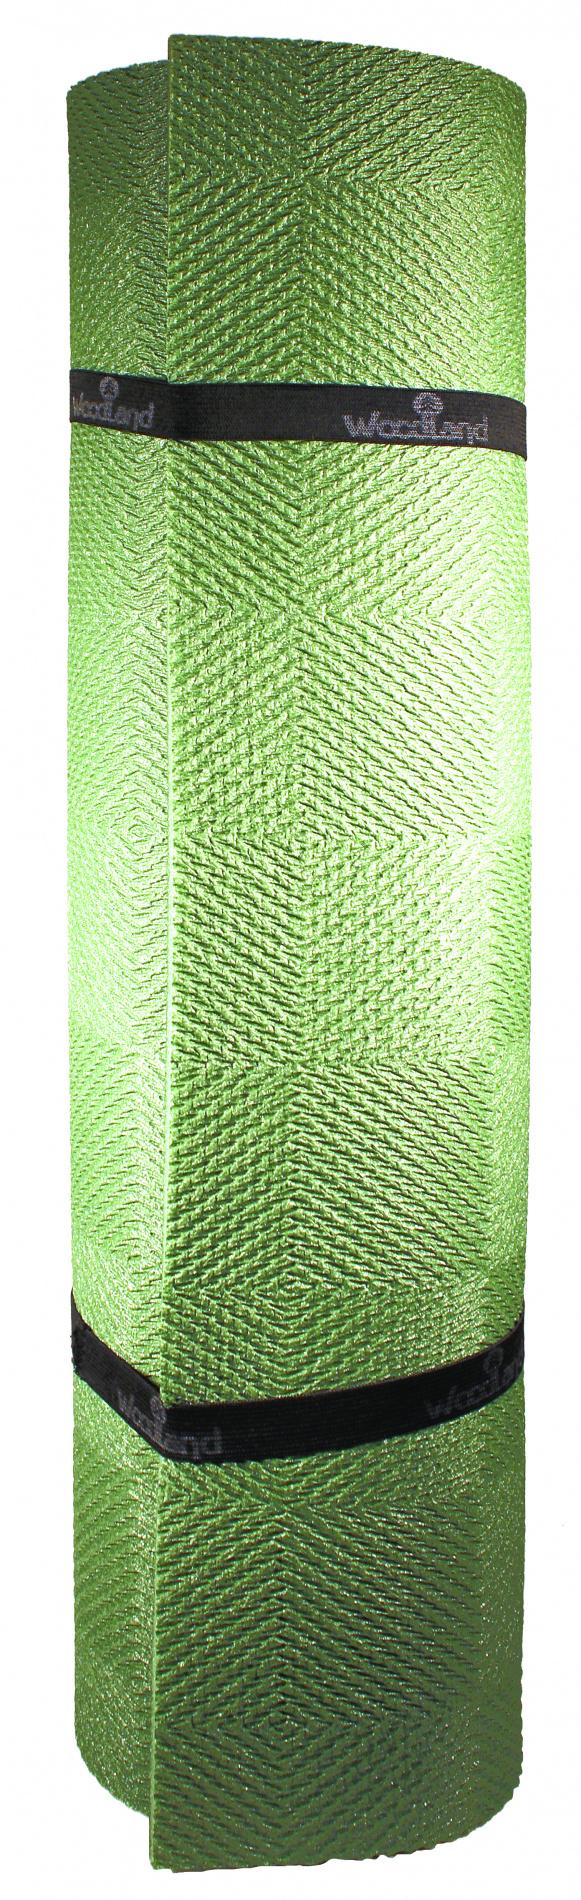 Коврик WoodLand Hunter Soft 10 (2000x800x10 мм, плотность Коврики туристические<br>Коврики Woodland, изготовлены из физически <br>вспененного пенополиэтилена высокого качества, <br>который проходит дополнительный ОТК ,так <br>как это эксклюзивная серия. Коврики Hunter <br>имеют размеры 200 * 70 см, что выгодно отличает <br>их от классических аналогов. Отличный вариант <br>для любителей. Классическая «десятка» с <br>увеличеннымиразмерами: 2000 x 700 x 10 мм. Имеет <br>плотность 33 кг/м?. Цвет: олива<br>